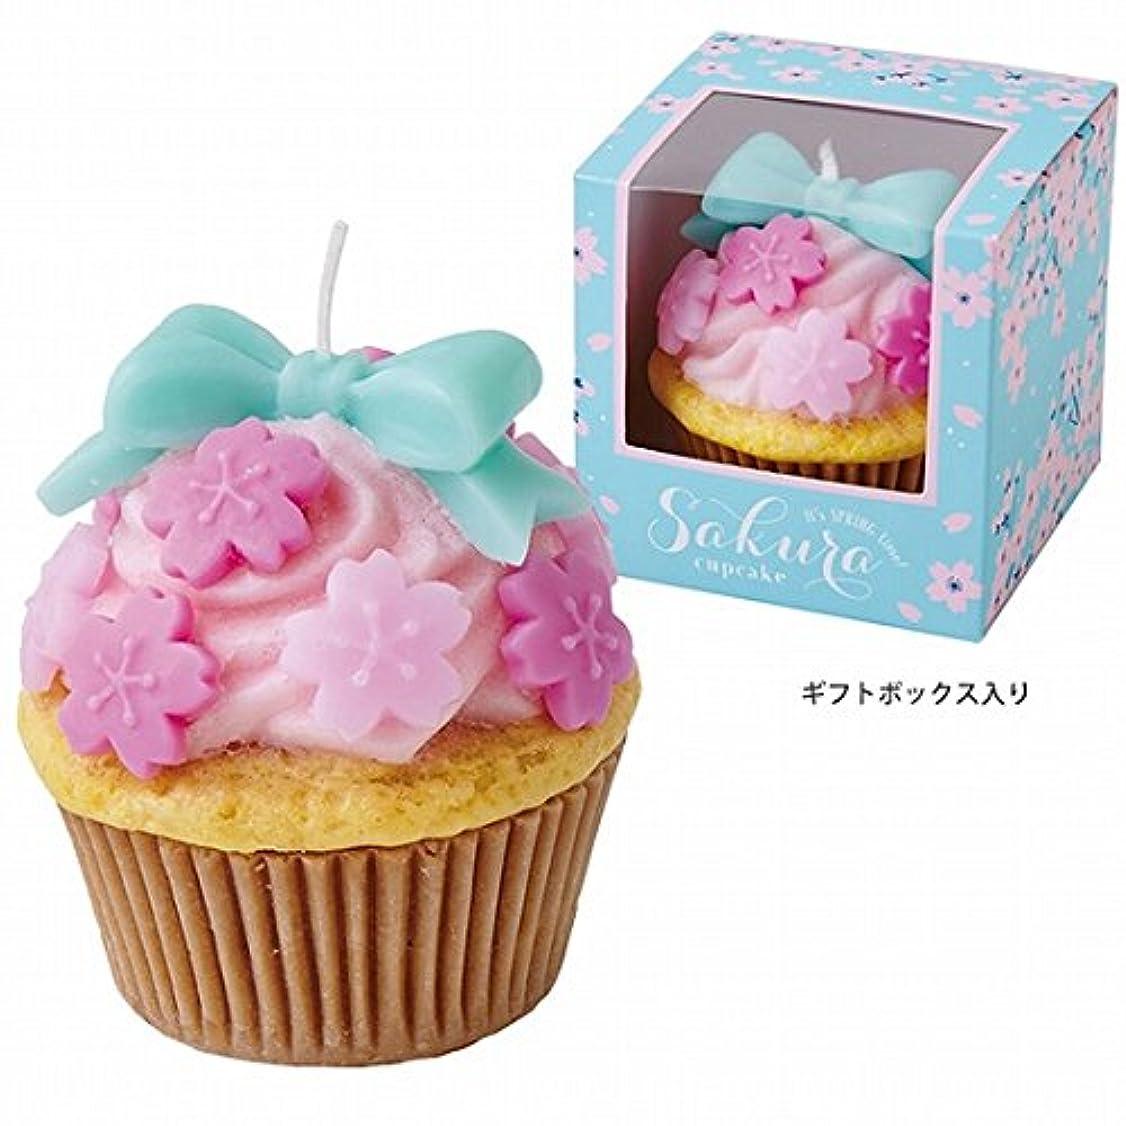 散逸妥協アロングカメヤマキャンドル( kameyama candle ) SAKURAカップケーキ キャンドル